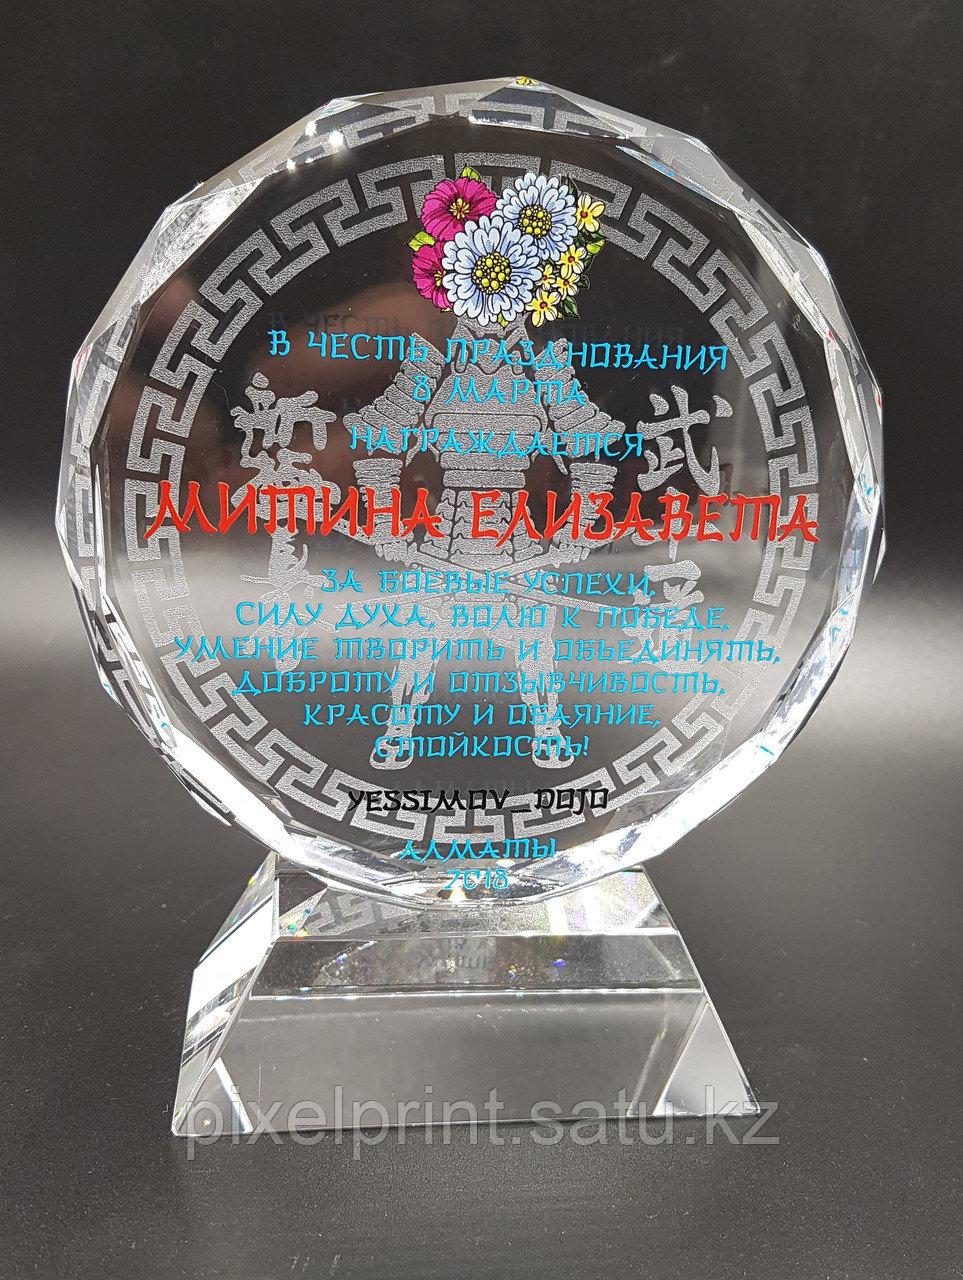 Награда из стекла с цветной печатью и гравировкой